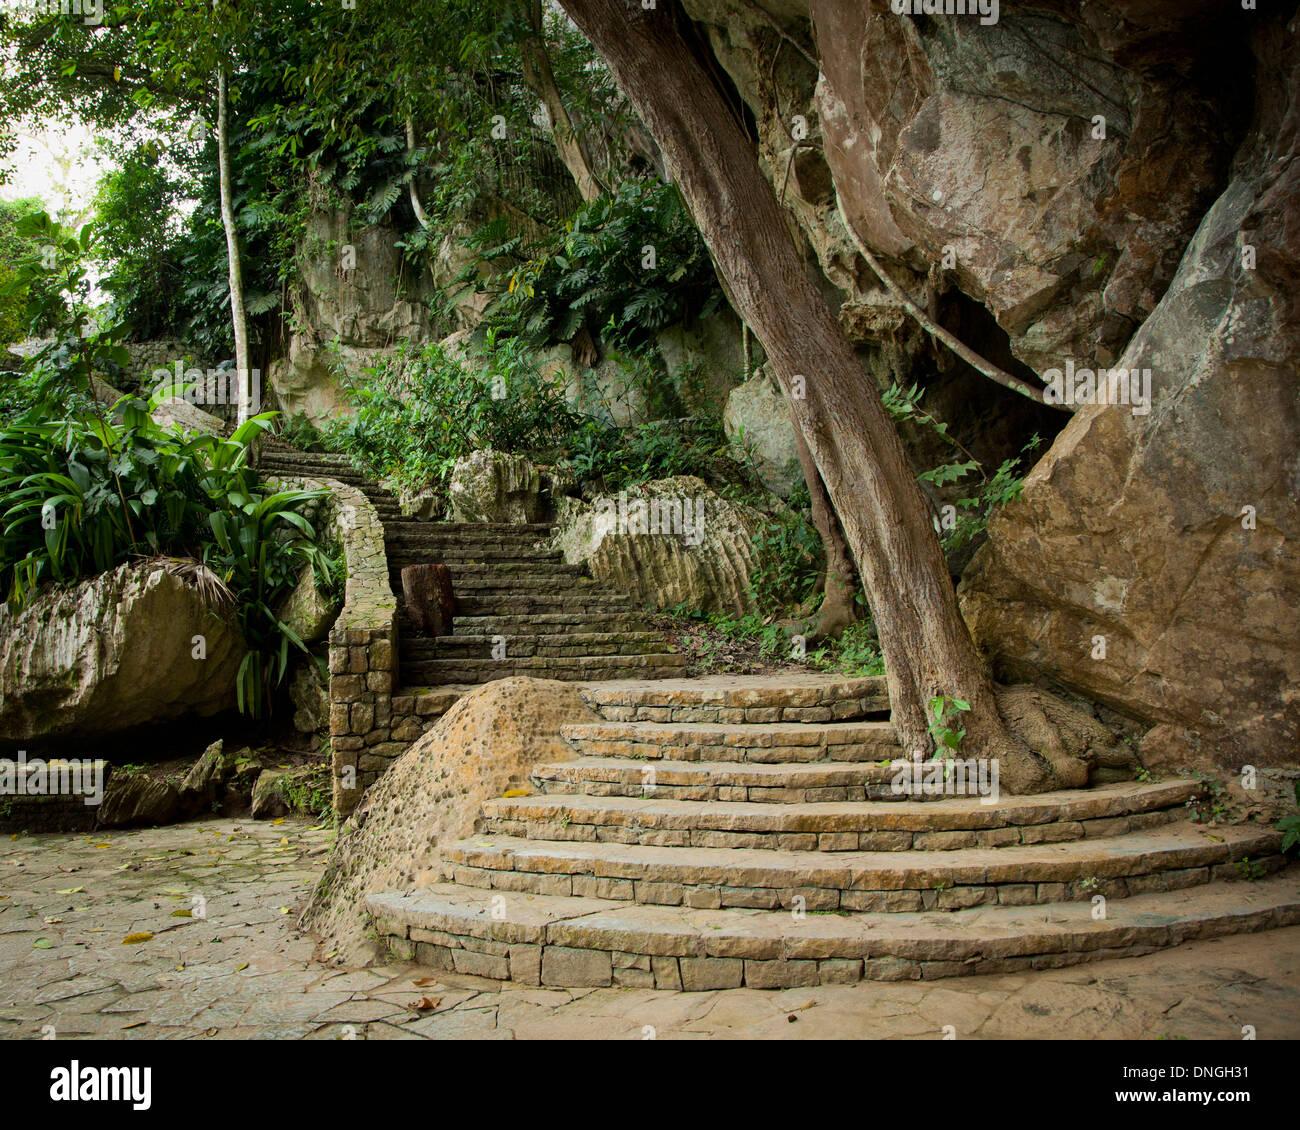 cueva de los portales in cuba stock photo royalty free image 64903525 alamy. Black Bedroom Furniture Sets. Home Design Ideas